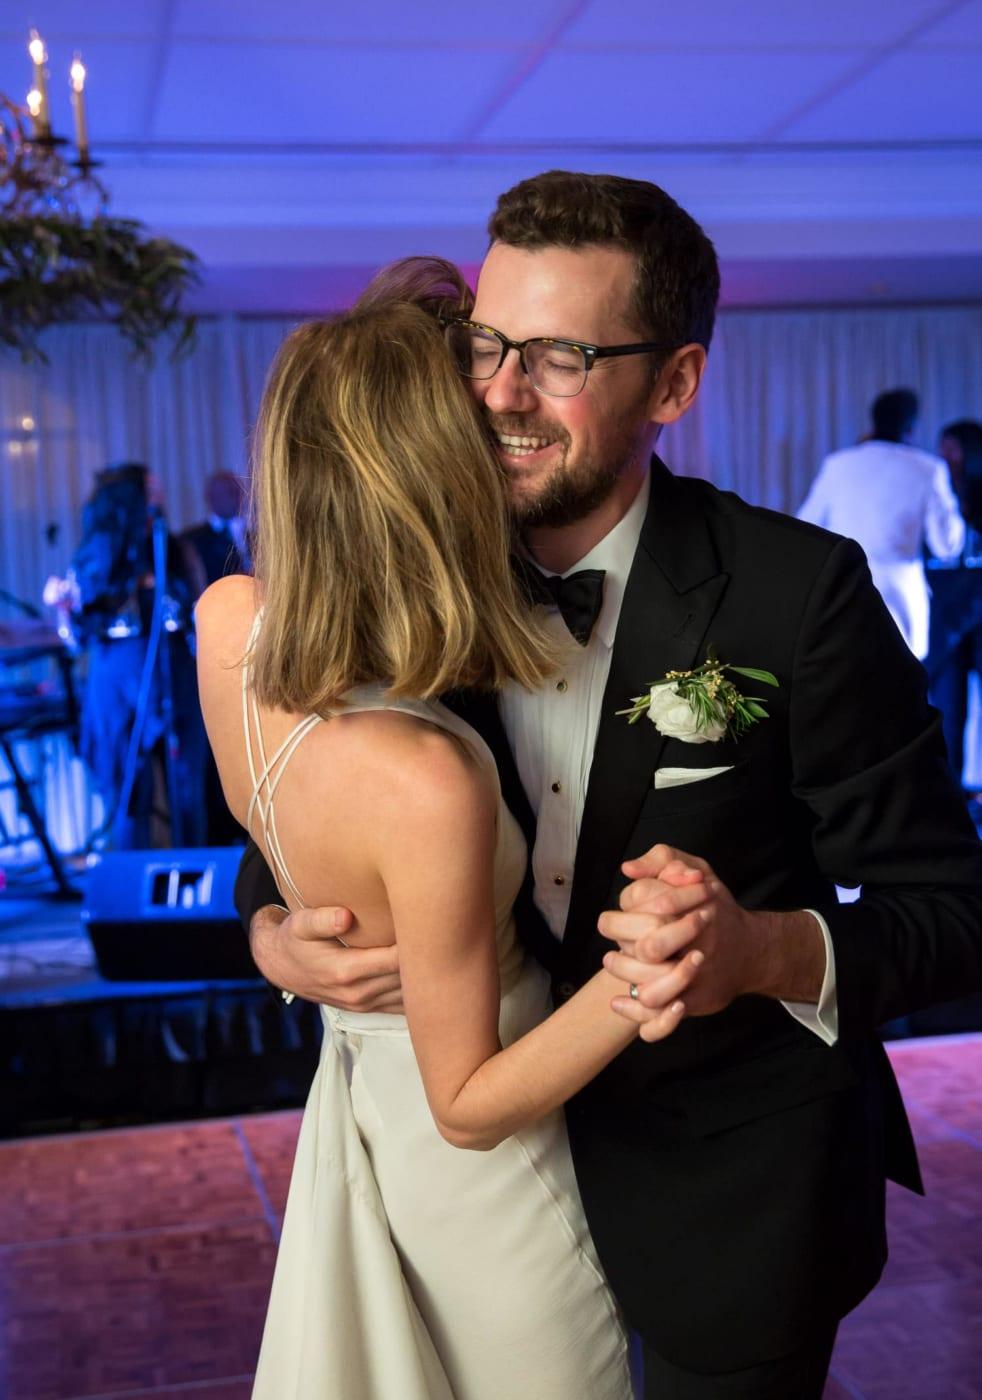 Denis Reggie - Cha đẻ của nhiếp ảnh cưới phóng sự